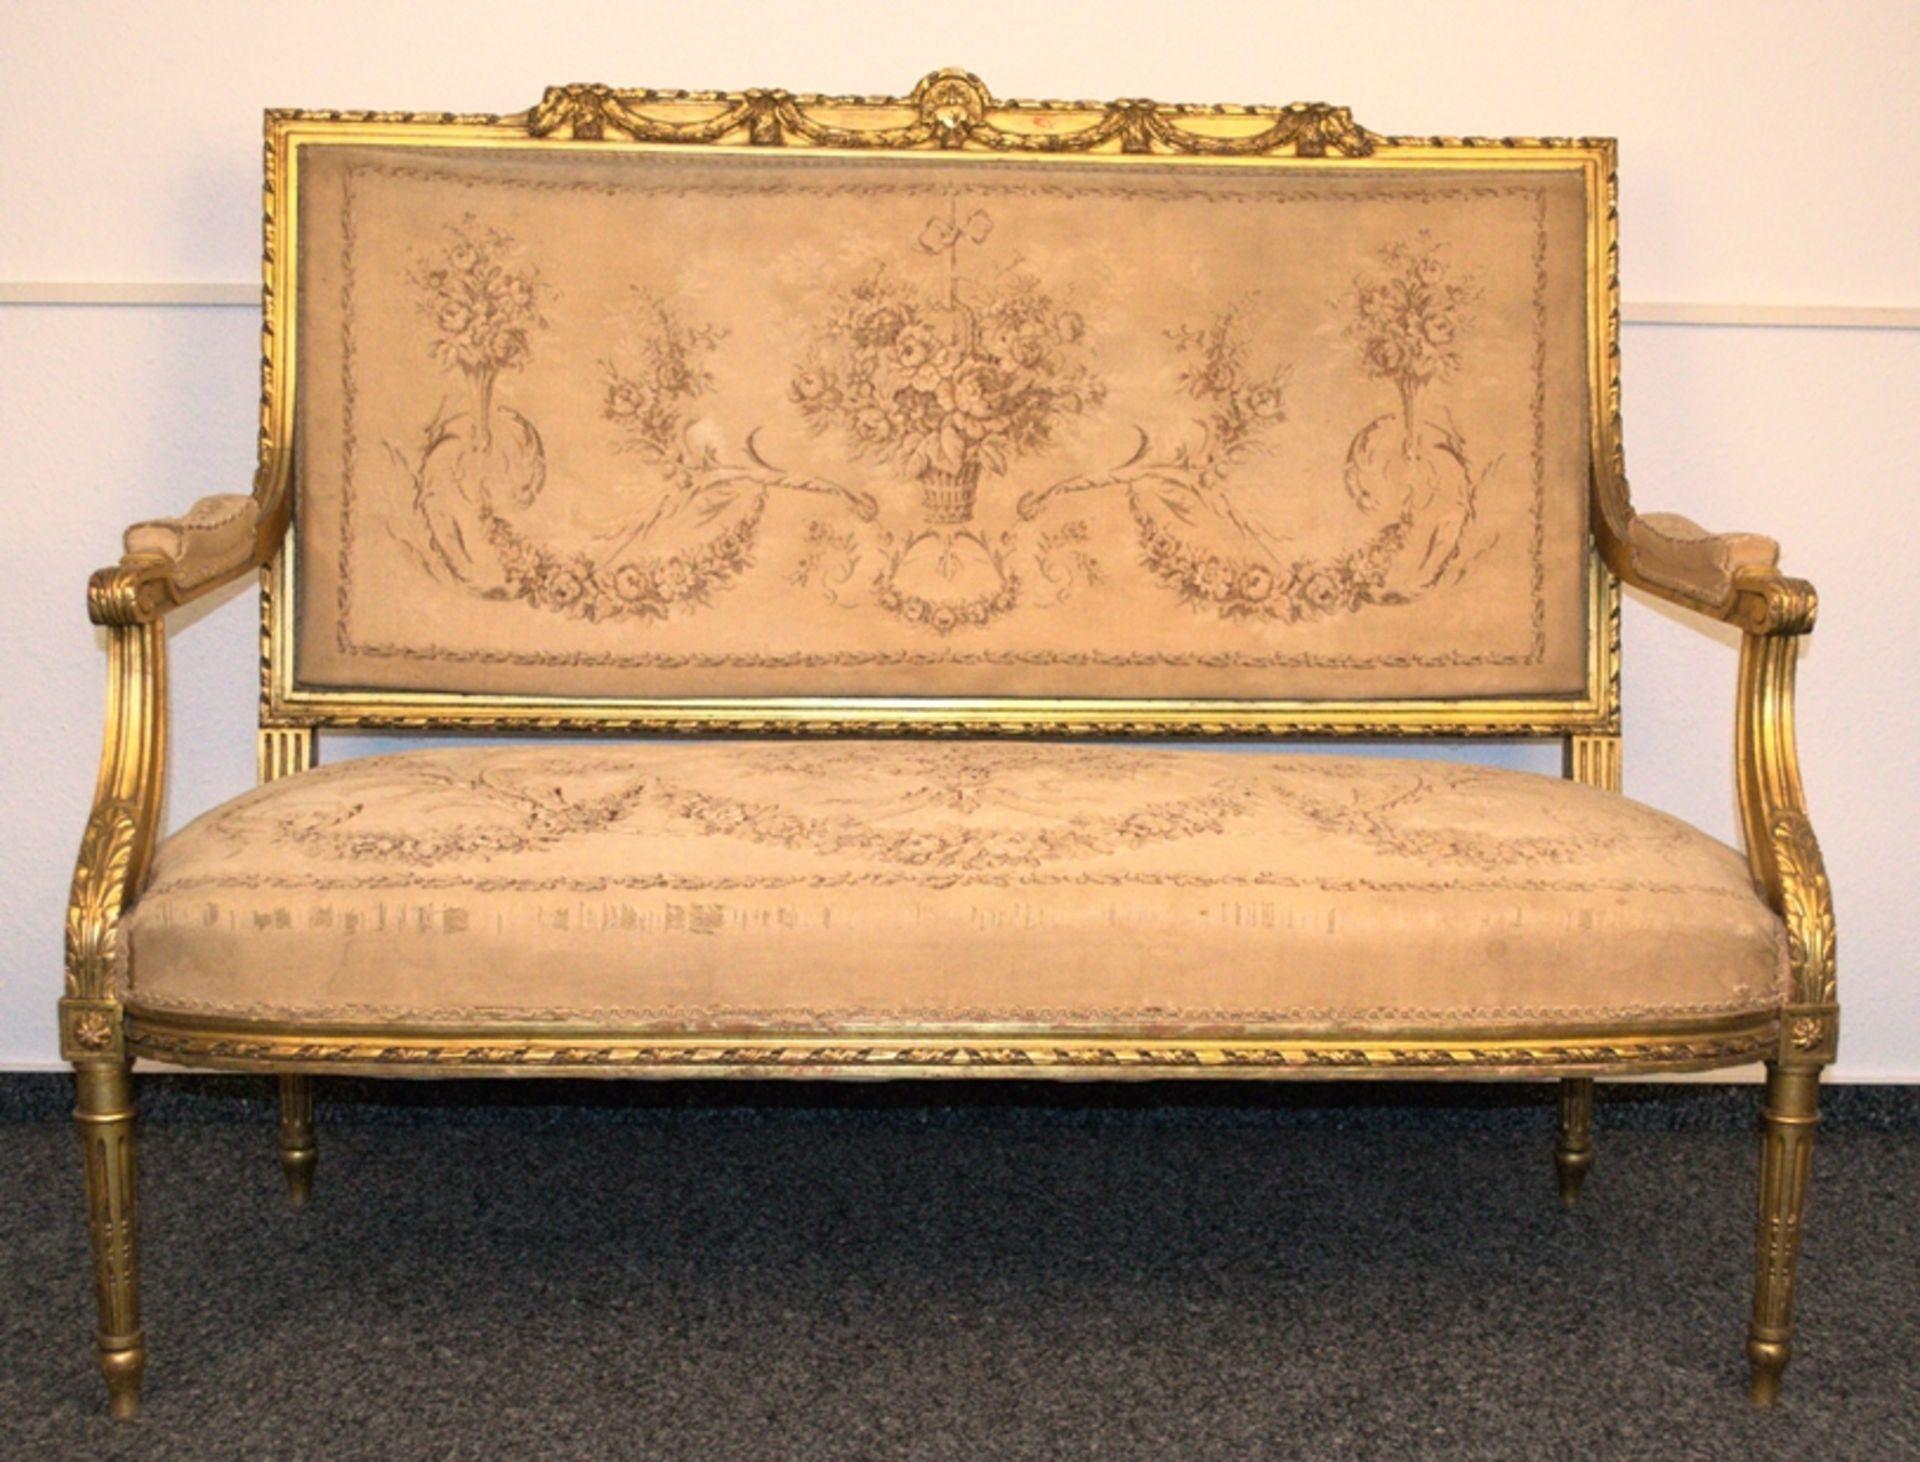 Prachtvolles Kanapee, Louis XVI-Stil, Frankreich um 1890. Zweisitzige, gepolsterte Sitzbank,